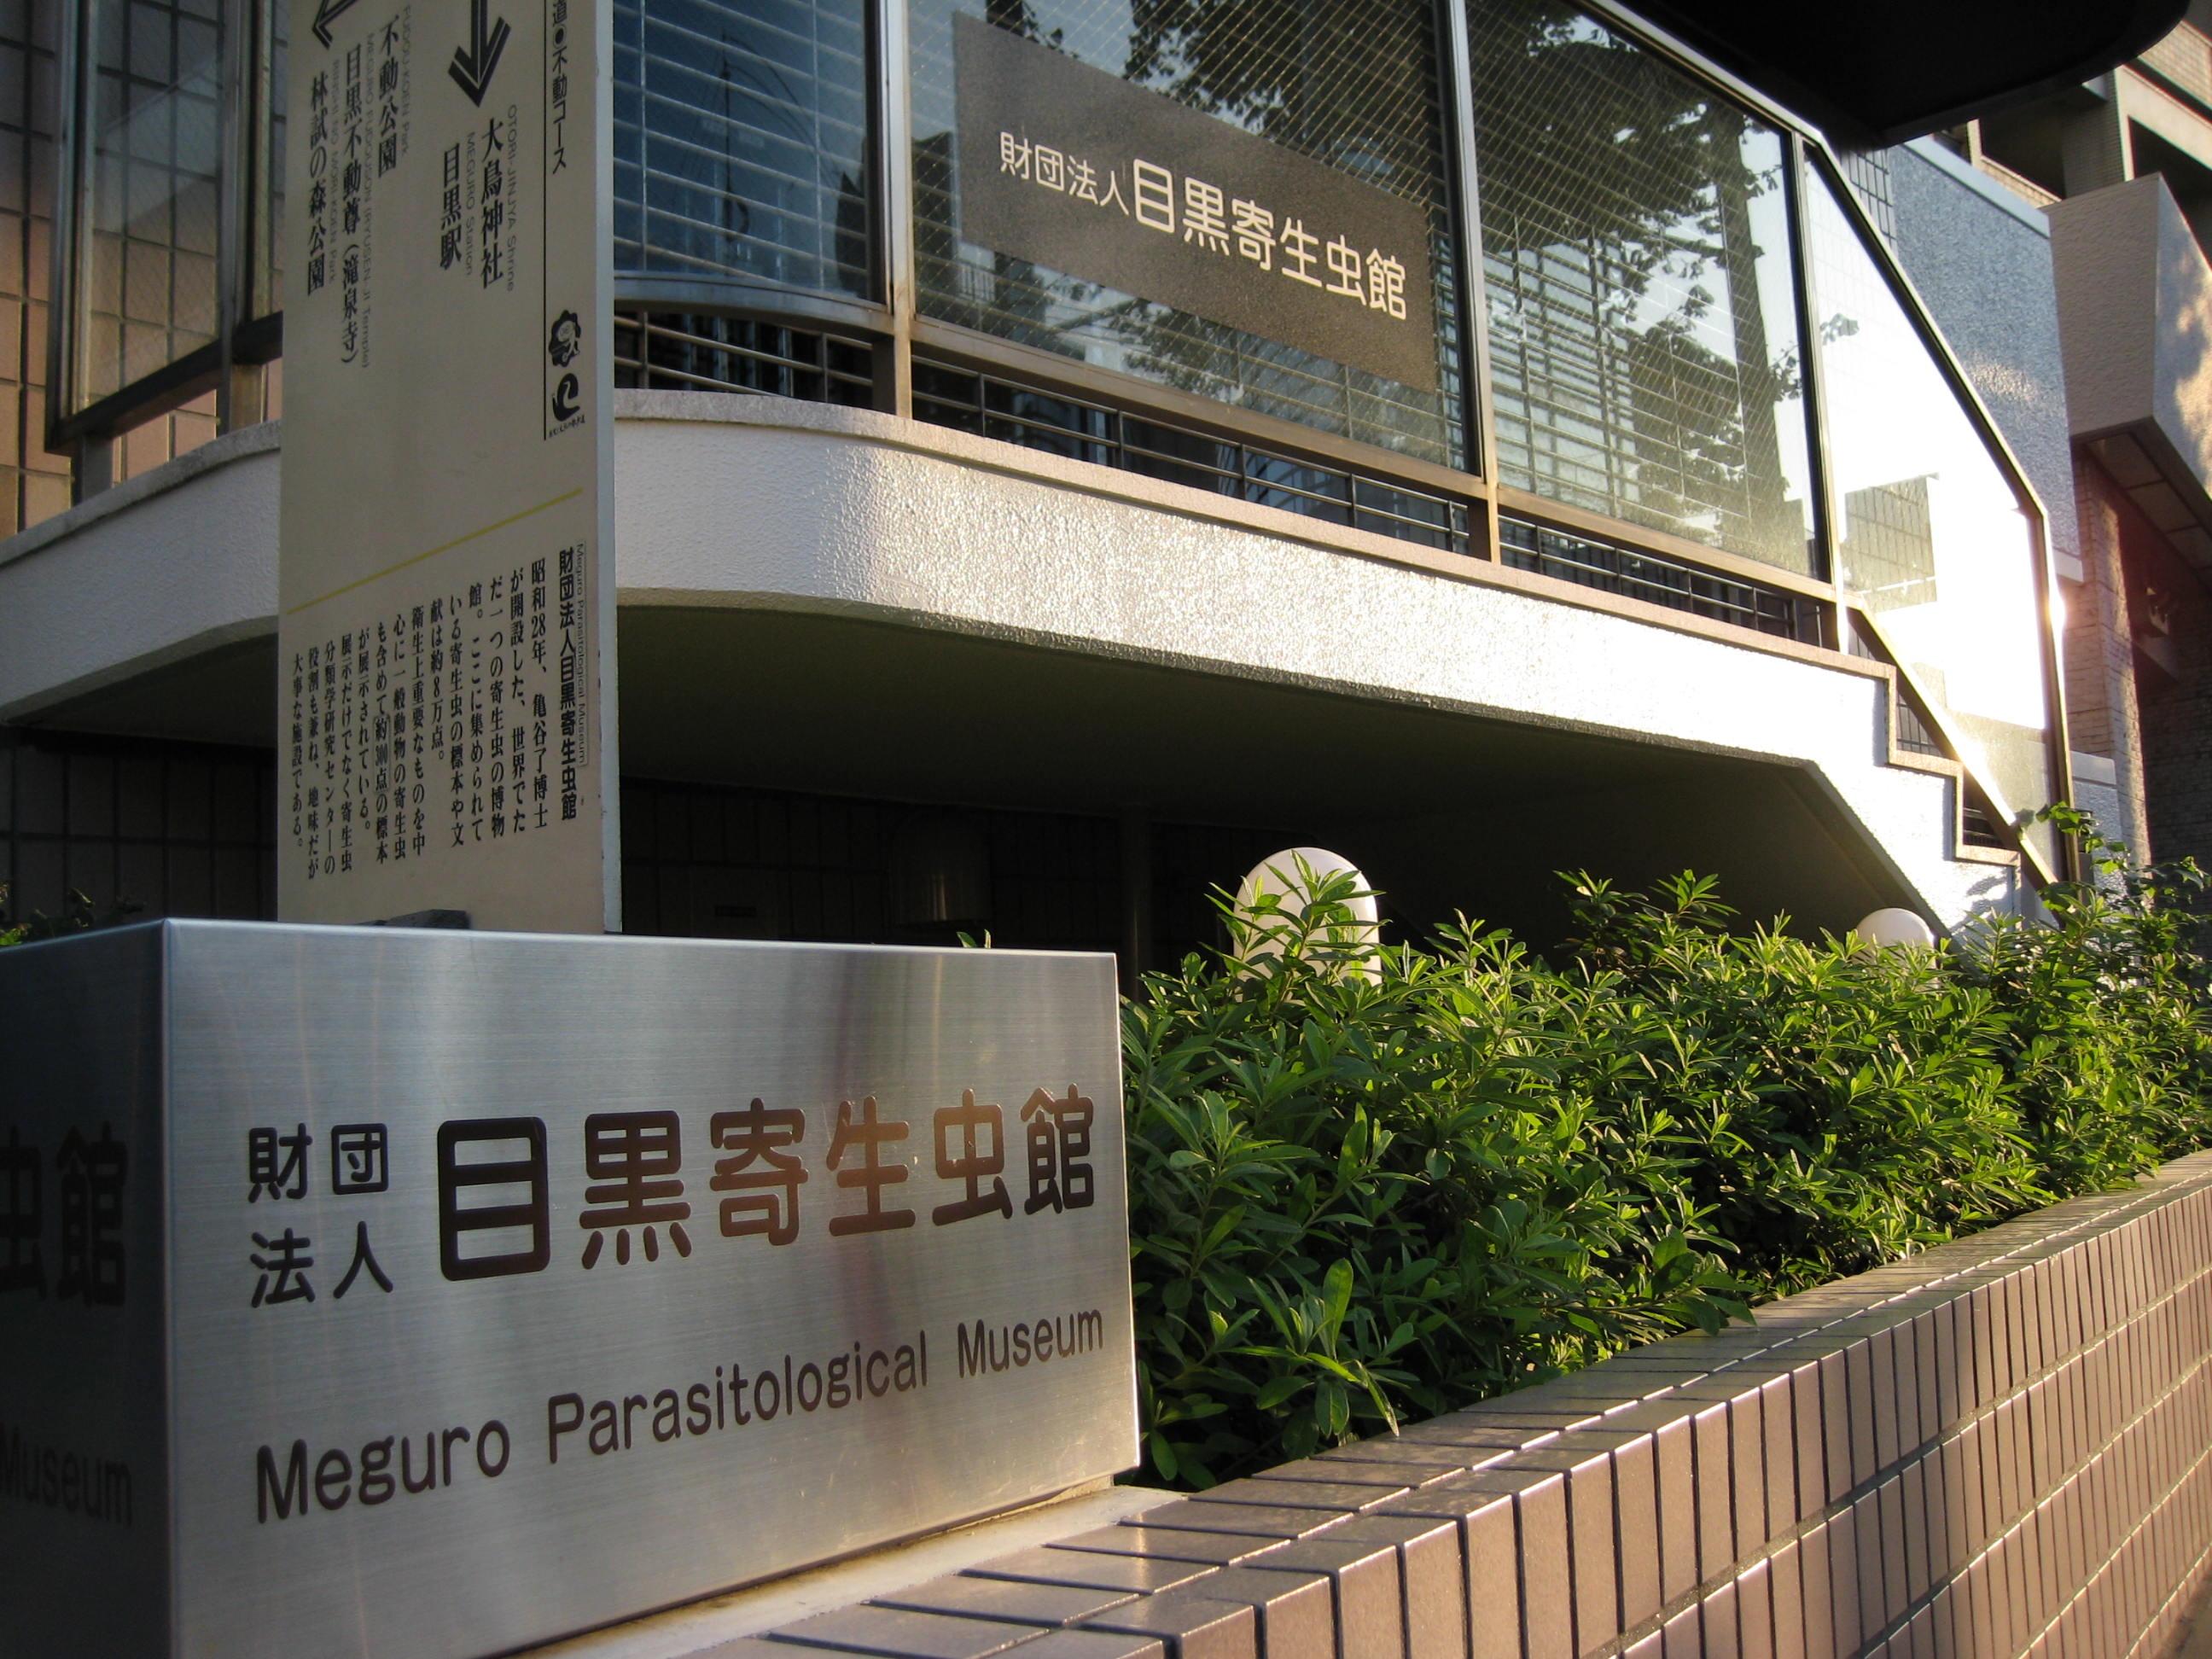 世界唯一の博物館!目黒寄生虫館の魅力をご紹介します